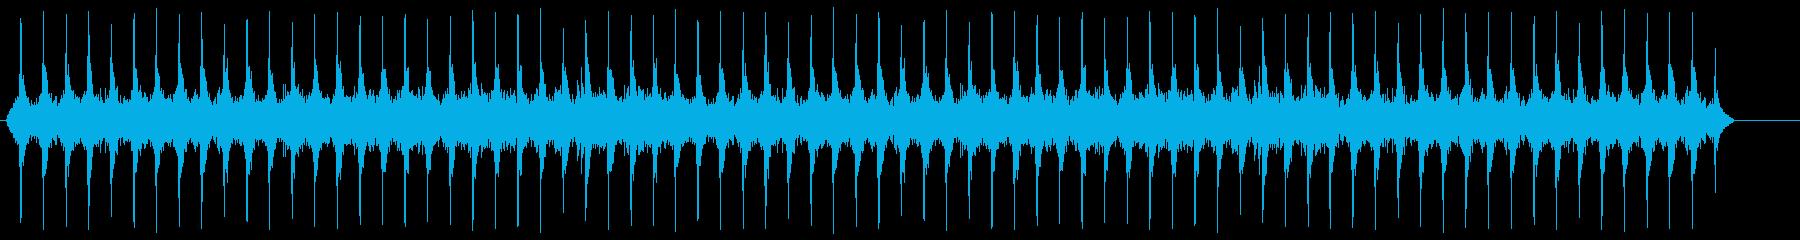 アンビエンス、大スペースプレス_コ...の再生済みの波形